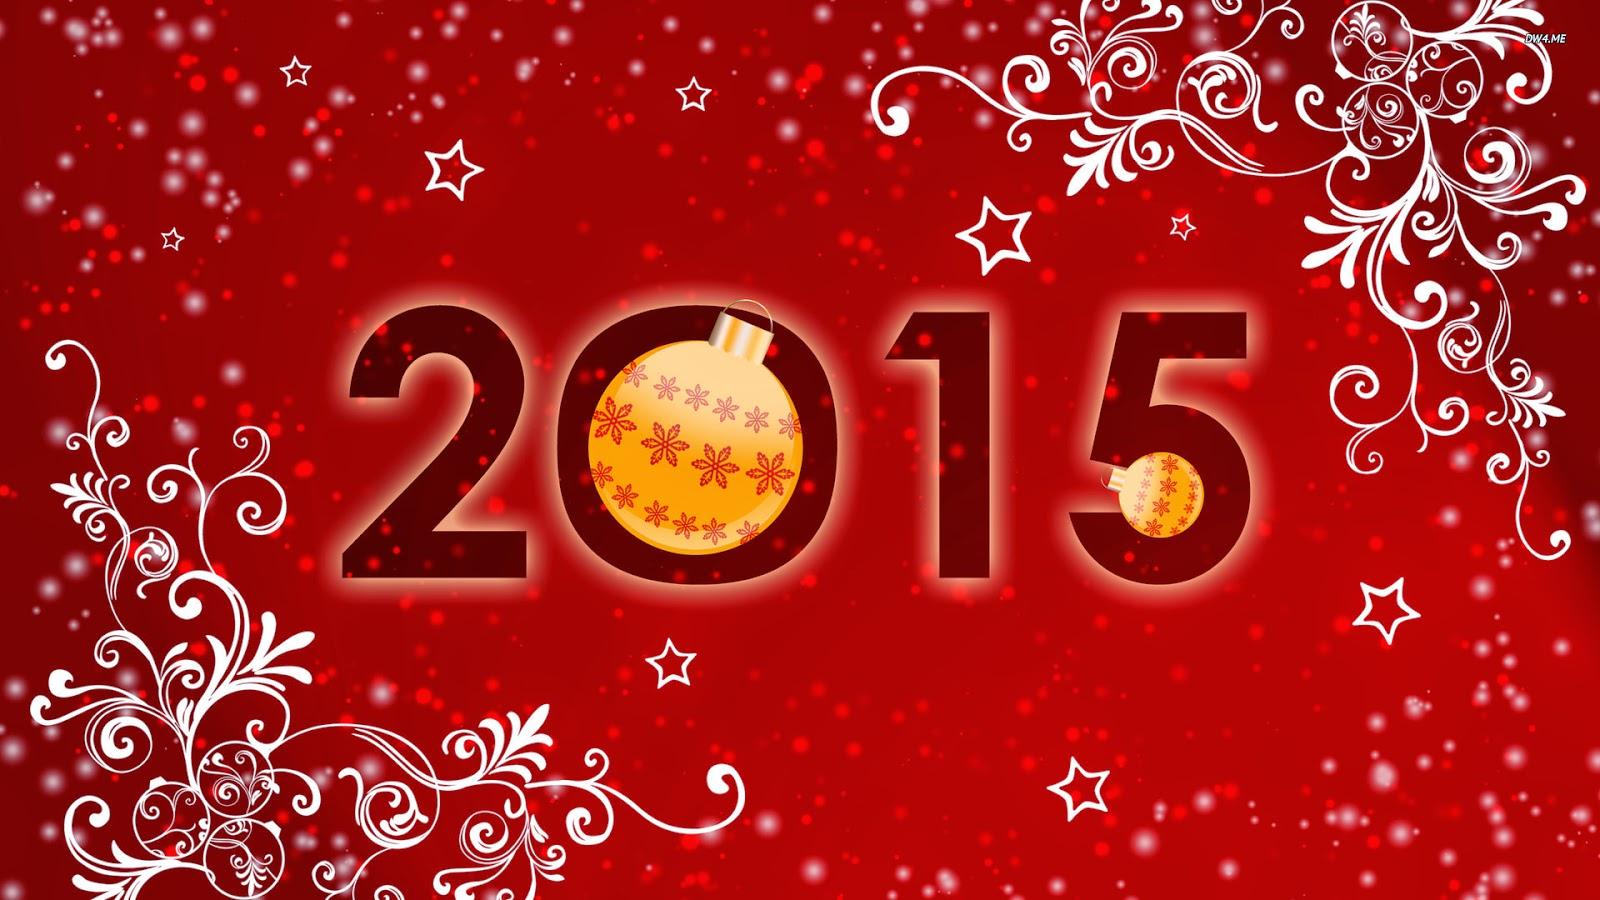 Hình ảnh chúc Tết Ất Mùi năm 2015 hay và ý nghĩa nhất 12